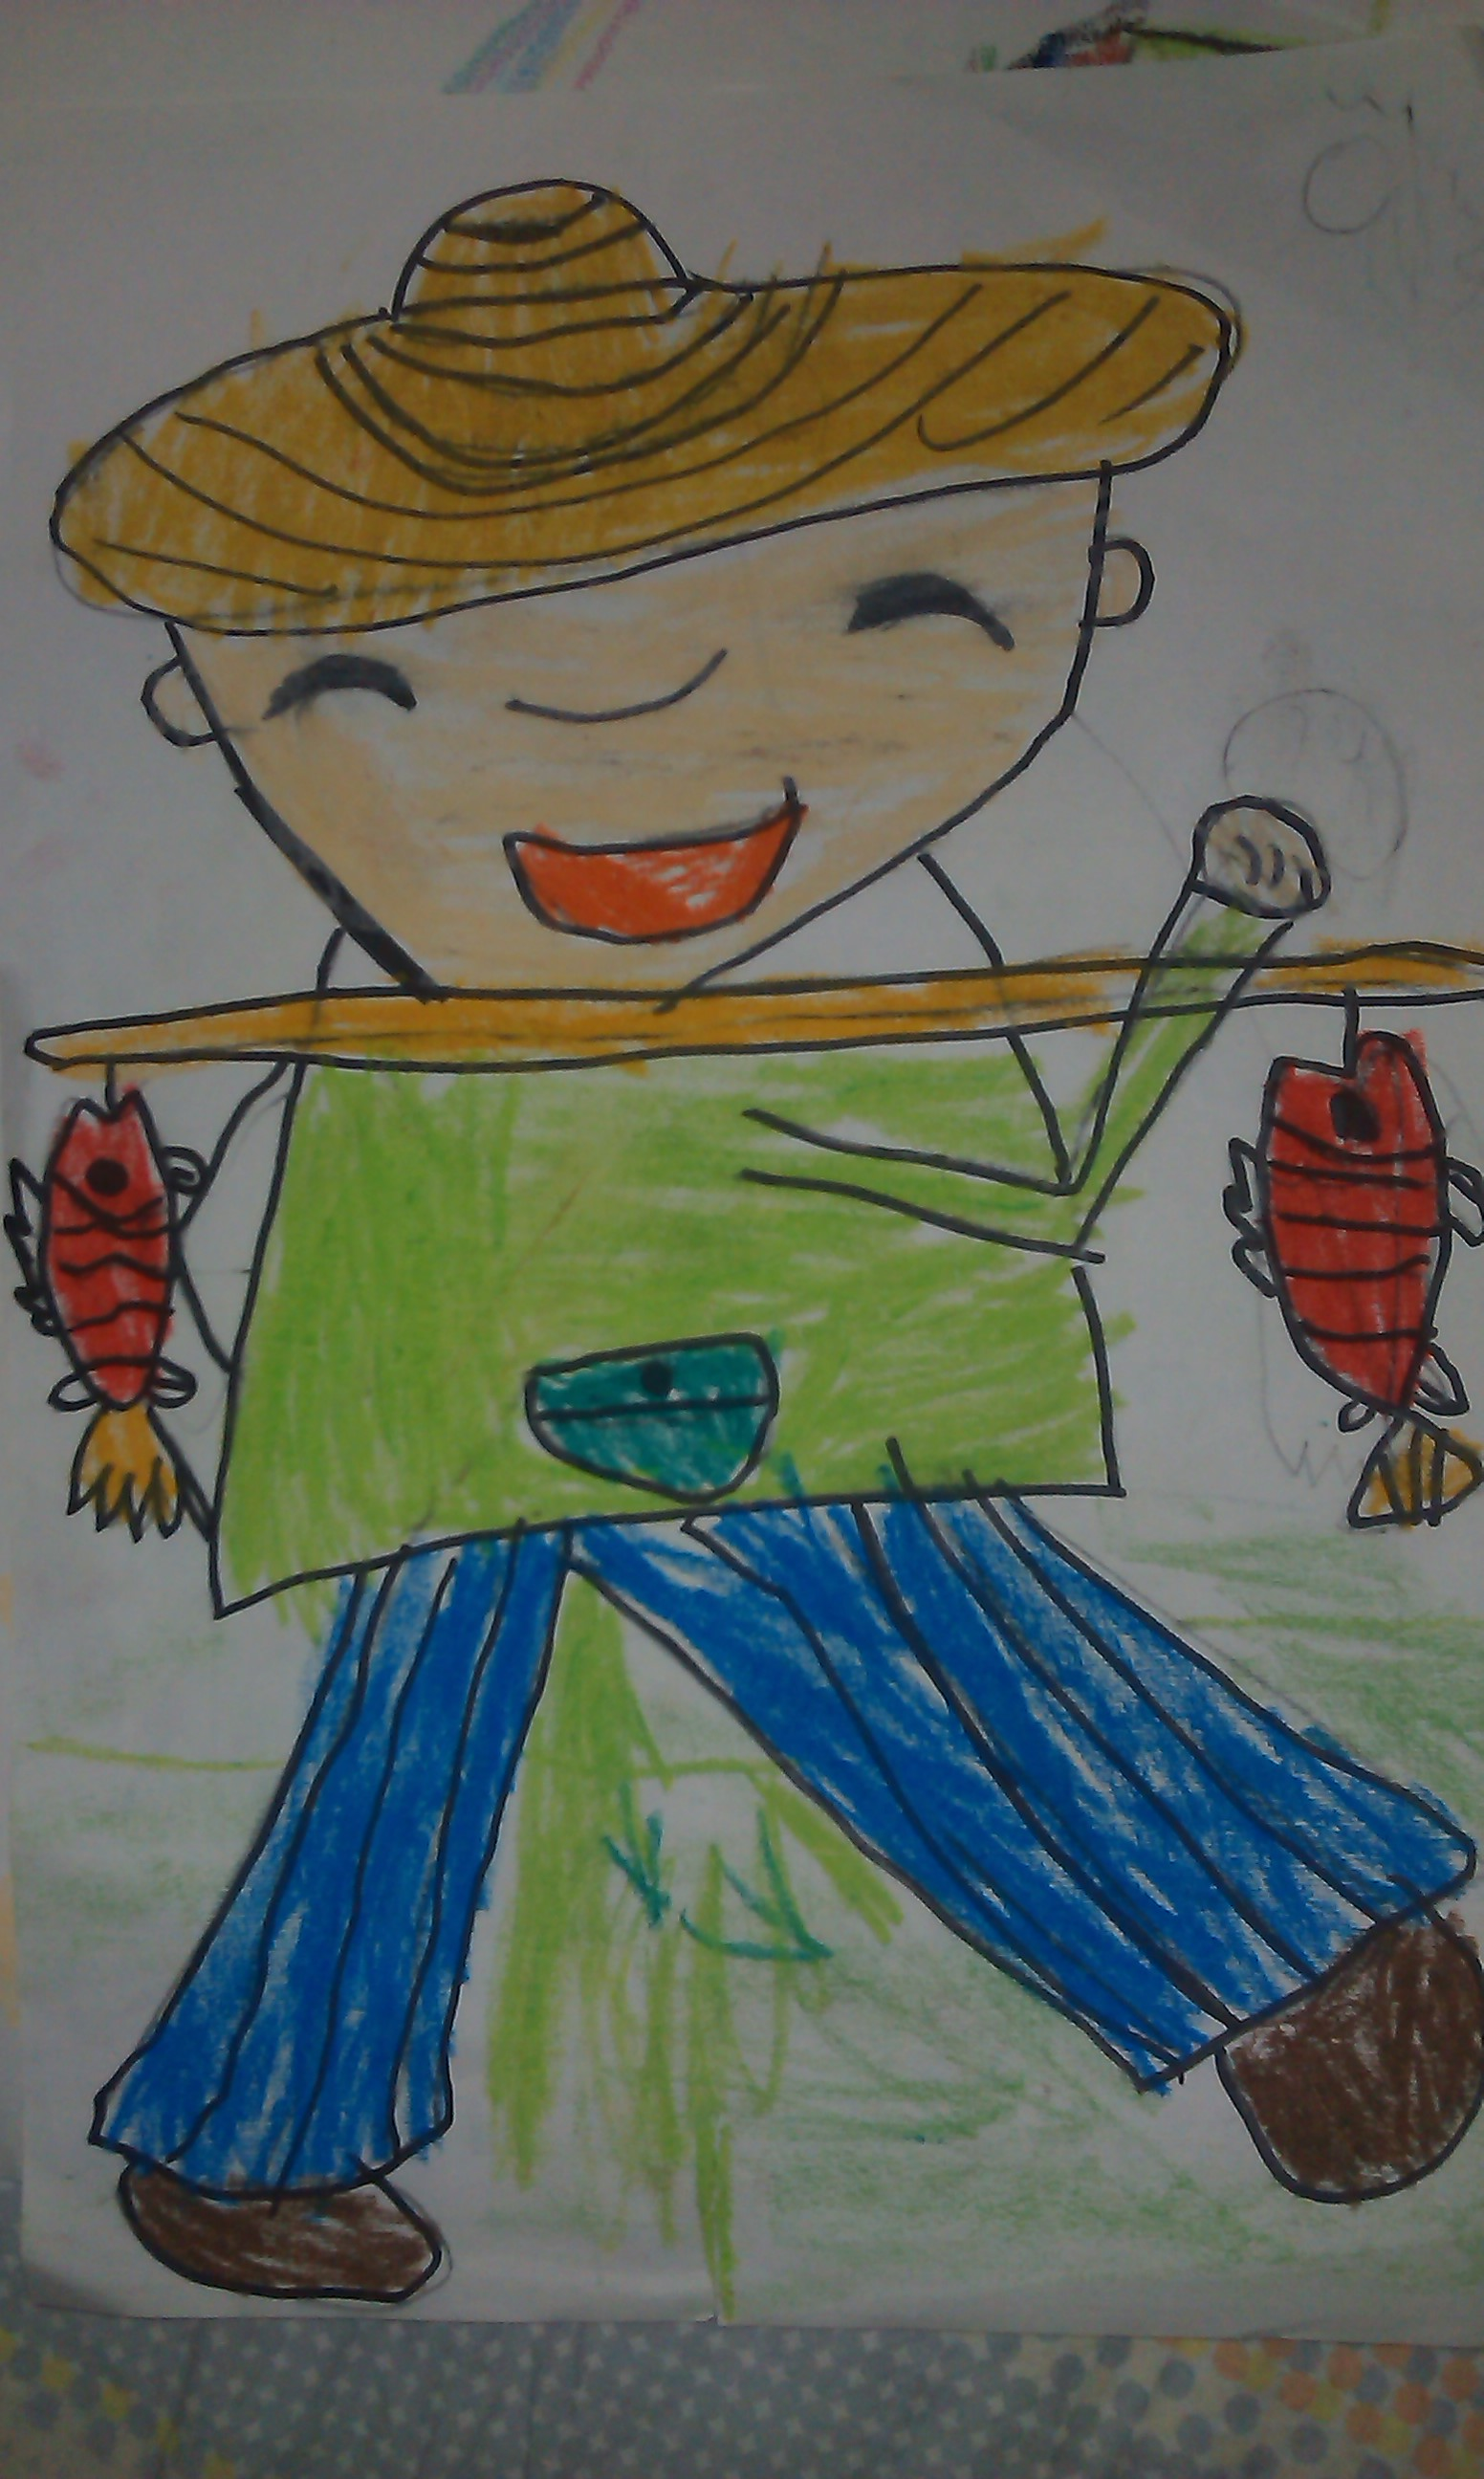 鱼-蜡笔画图集